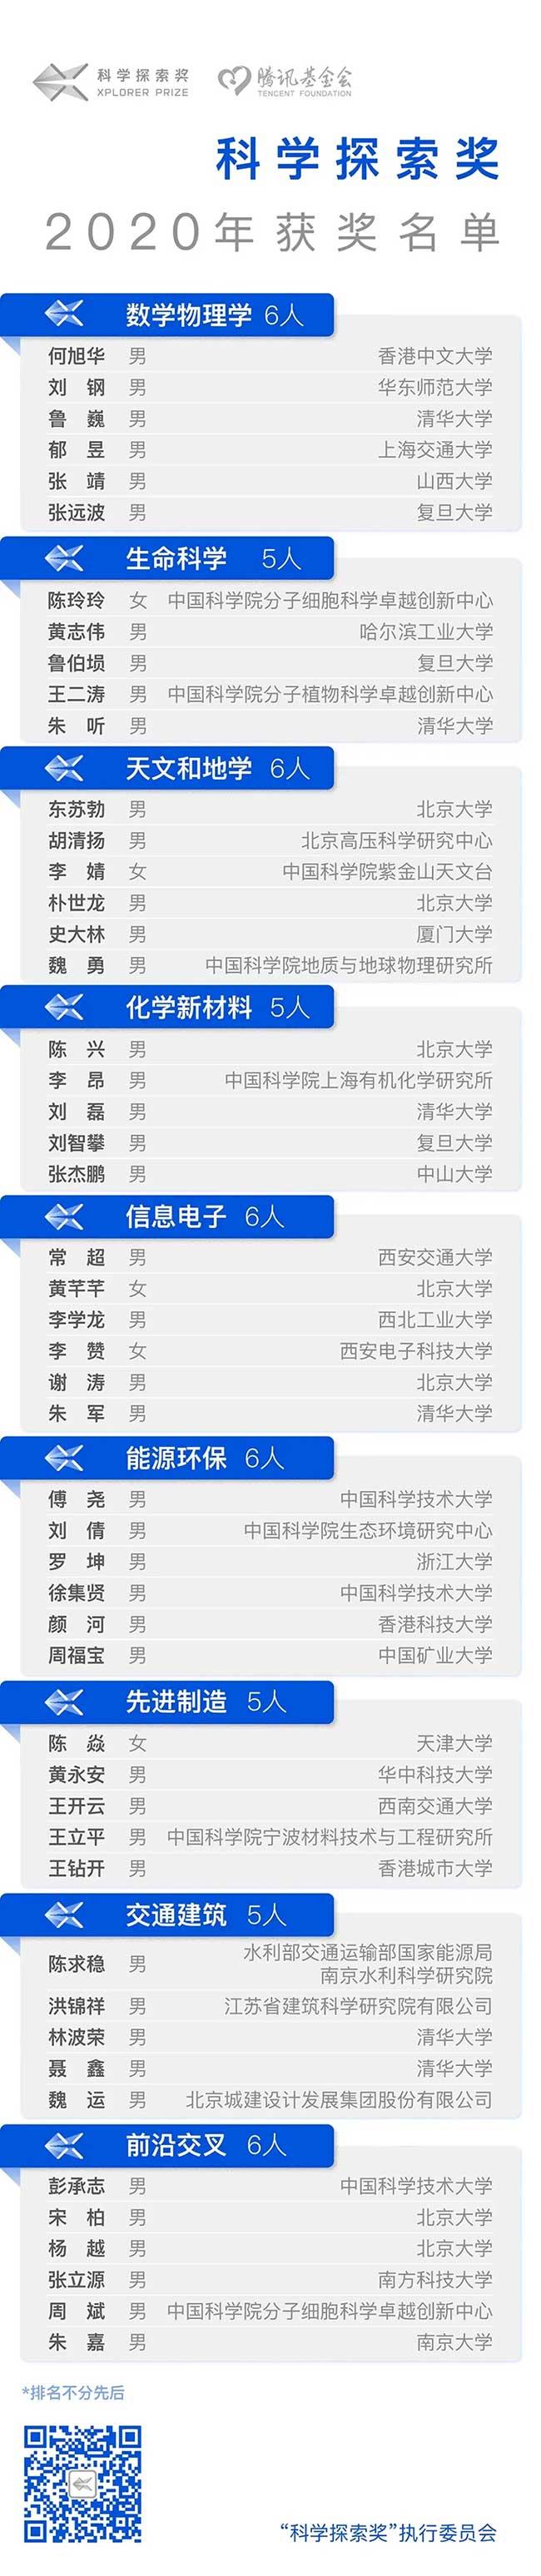 """2020年腾讯""""科学探索奖""""获奖名单公布!-第2张图片-中国大学排行榜"""